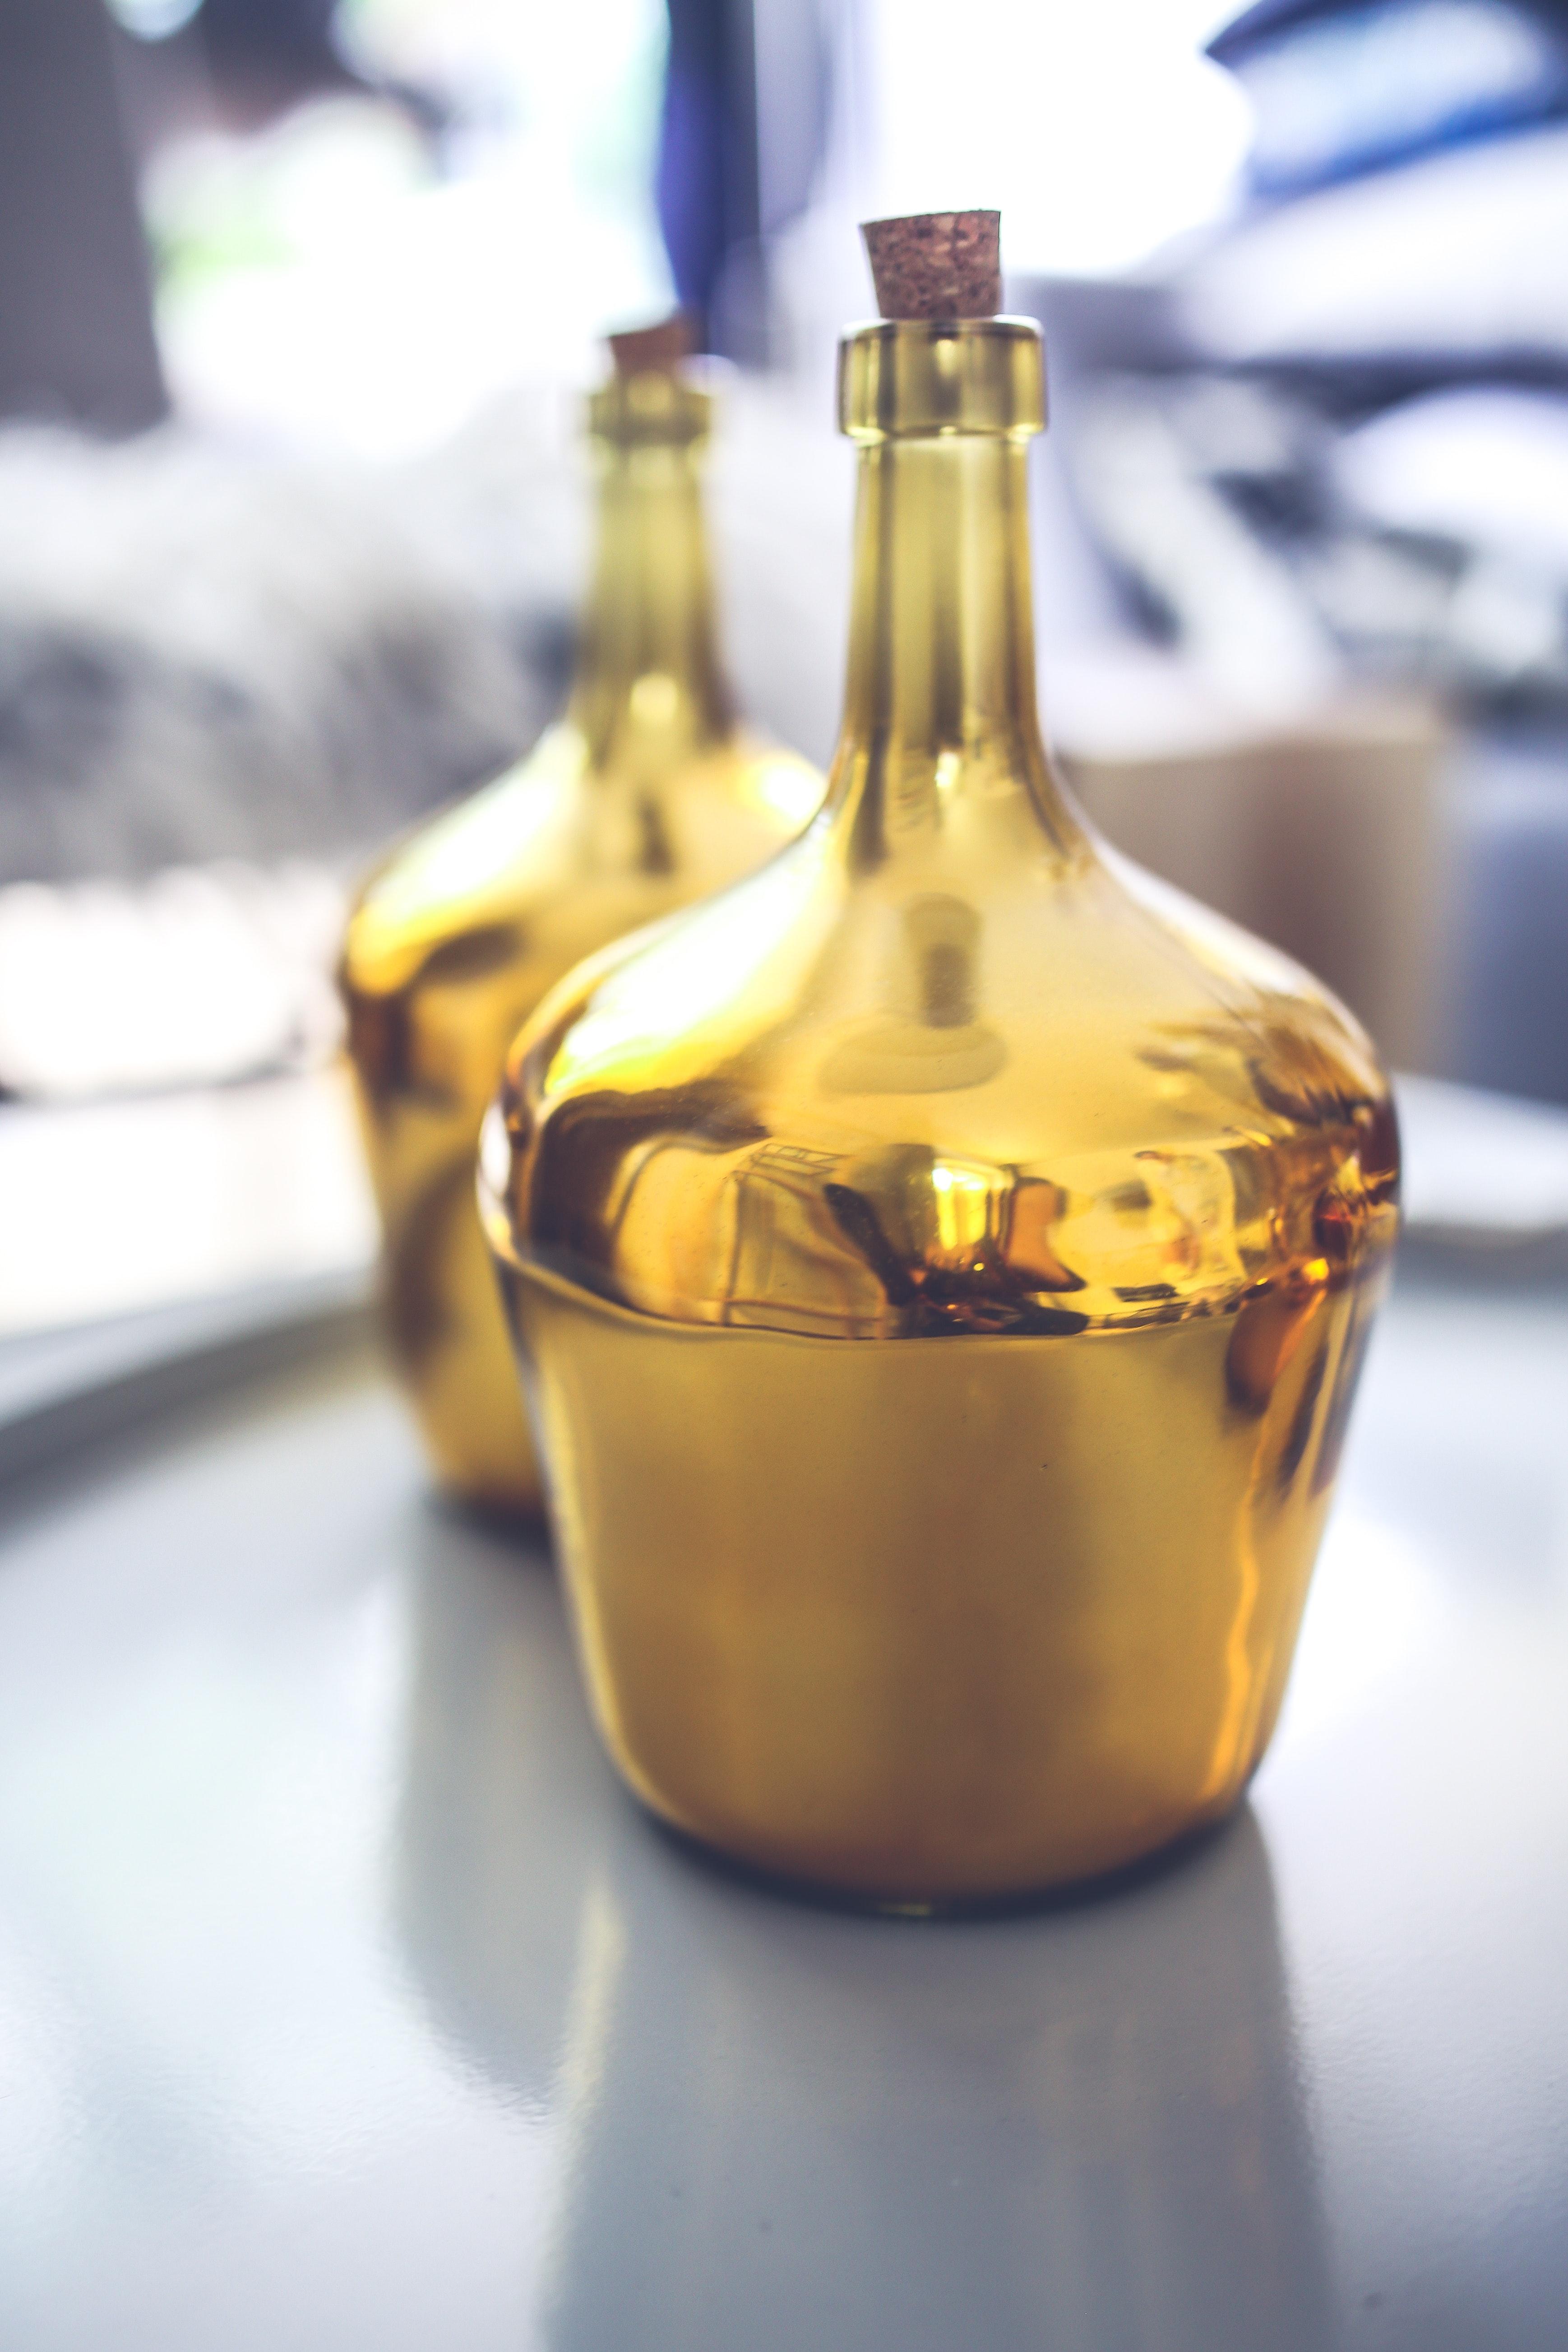 Golden bottle photo